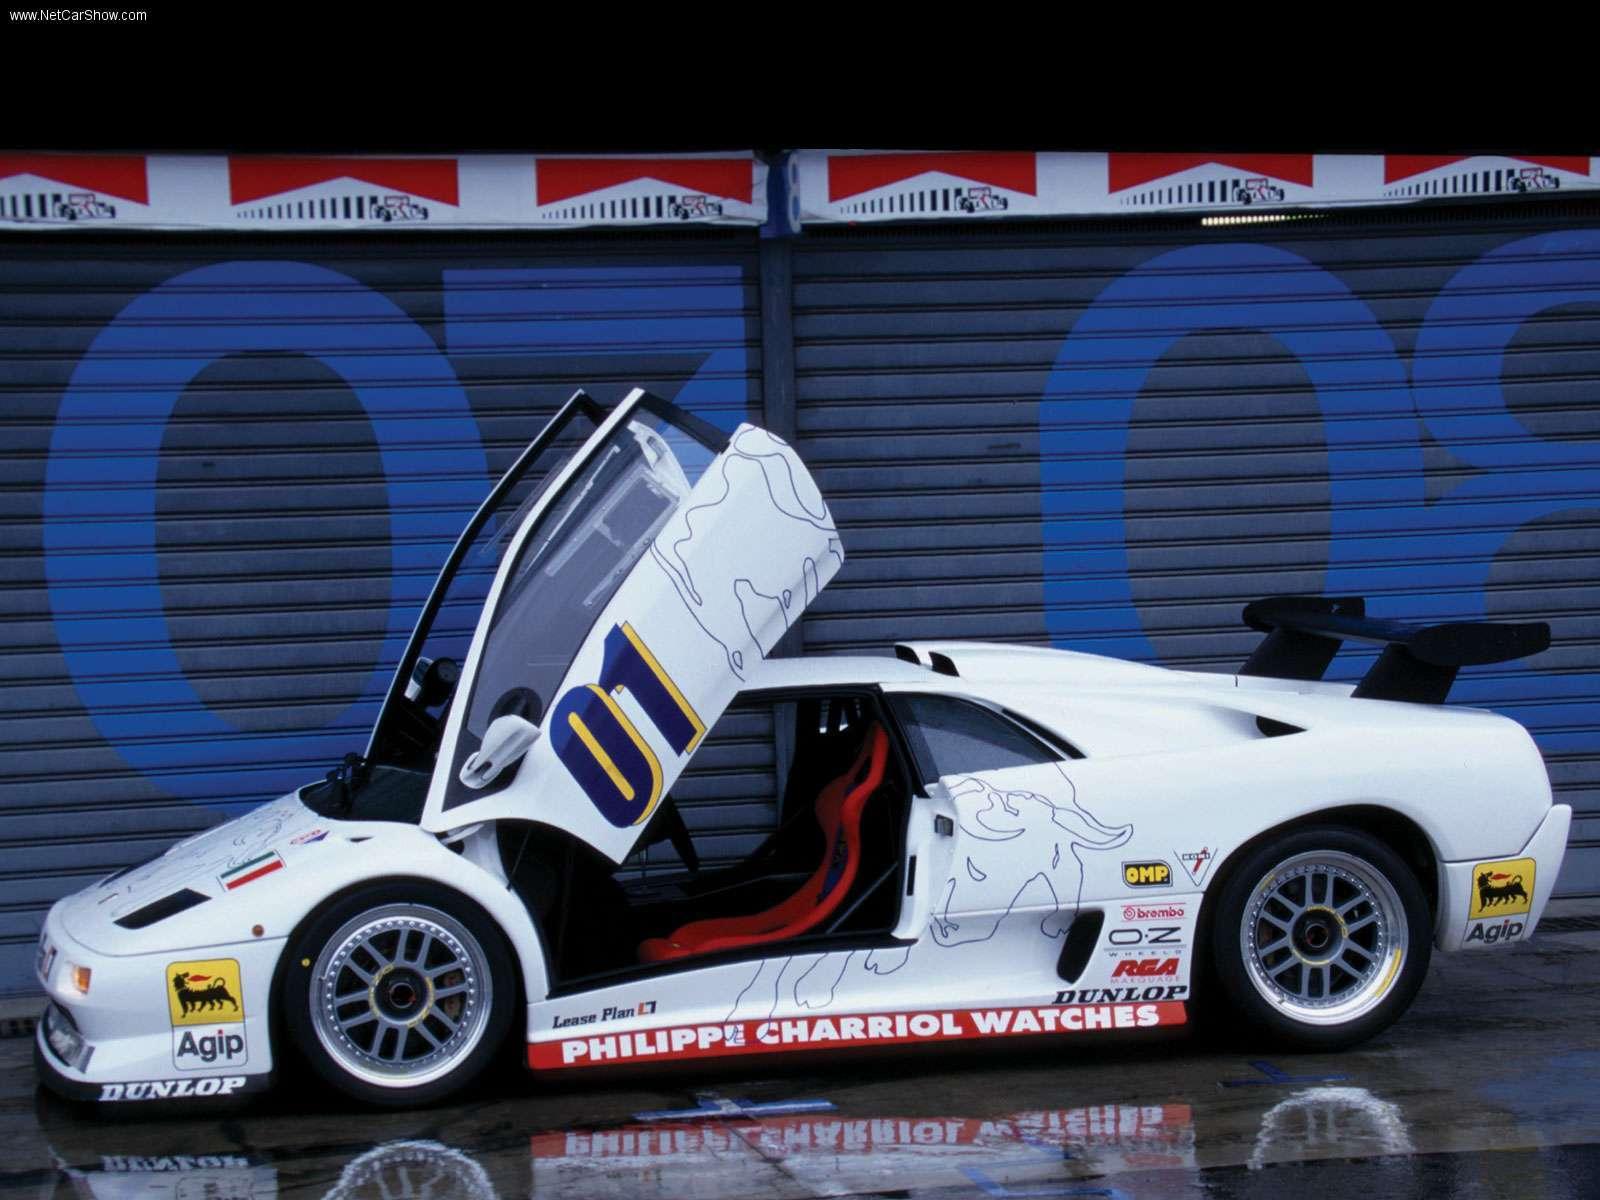 Hình ảnh siêu xe Lamborghini Diablo SVR 1996 & nội ngoại thất